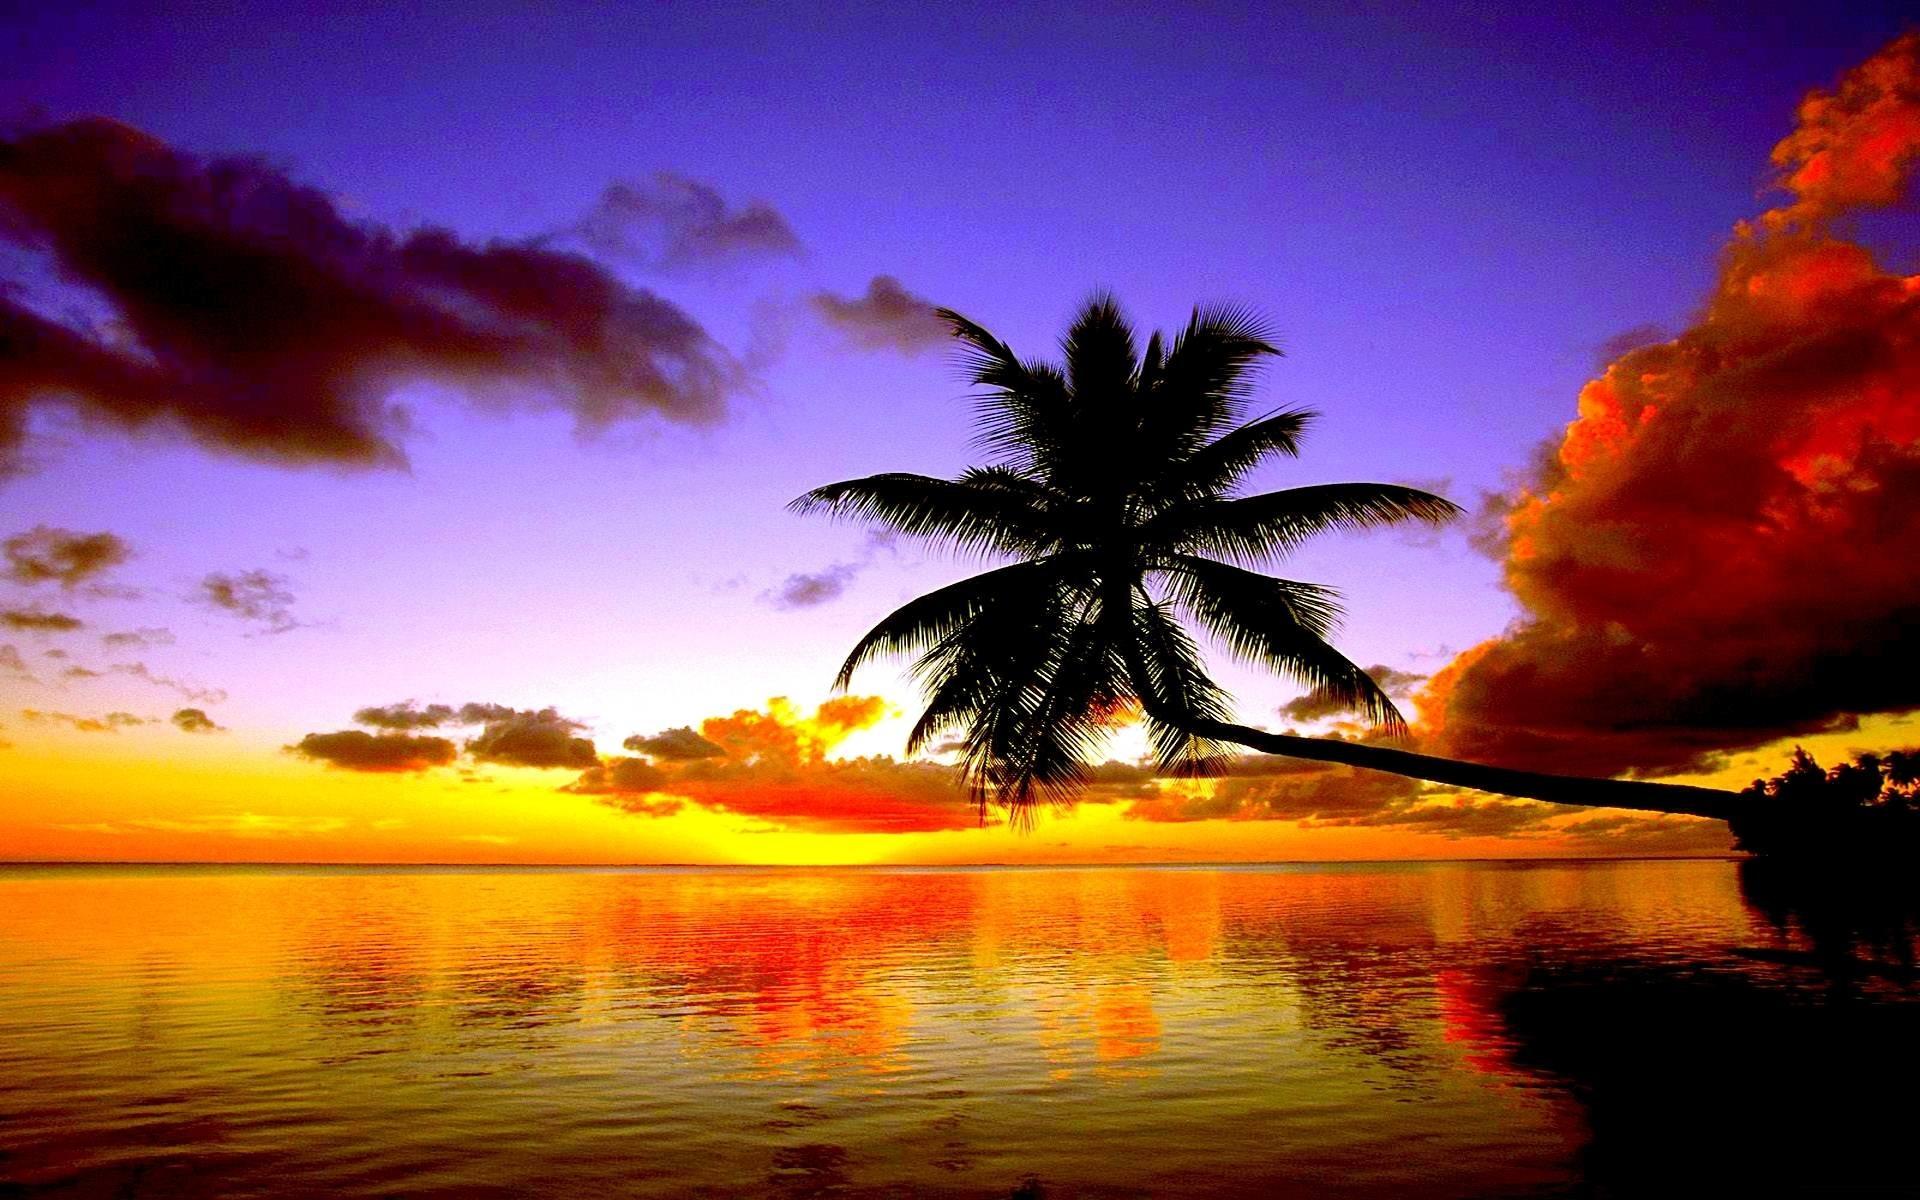 Beach Sunset Wallpaper 1080p As Wallpaper HD